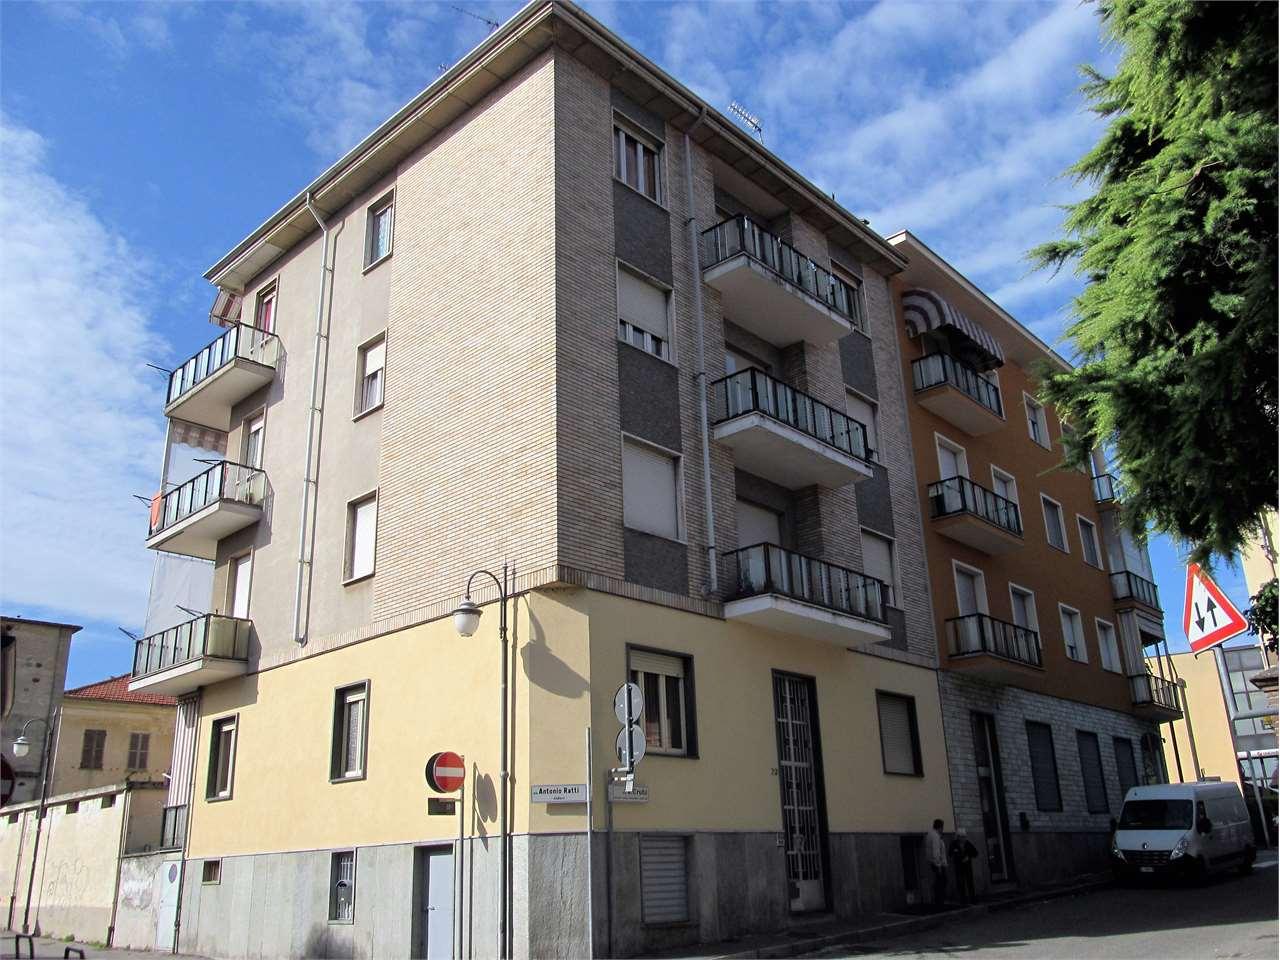 Appartamento in affitto a Alpignano, 2 locali, zona Località: Centro, prezzo € 340 | Cambio Casa.it